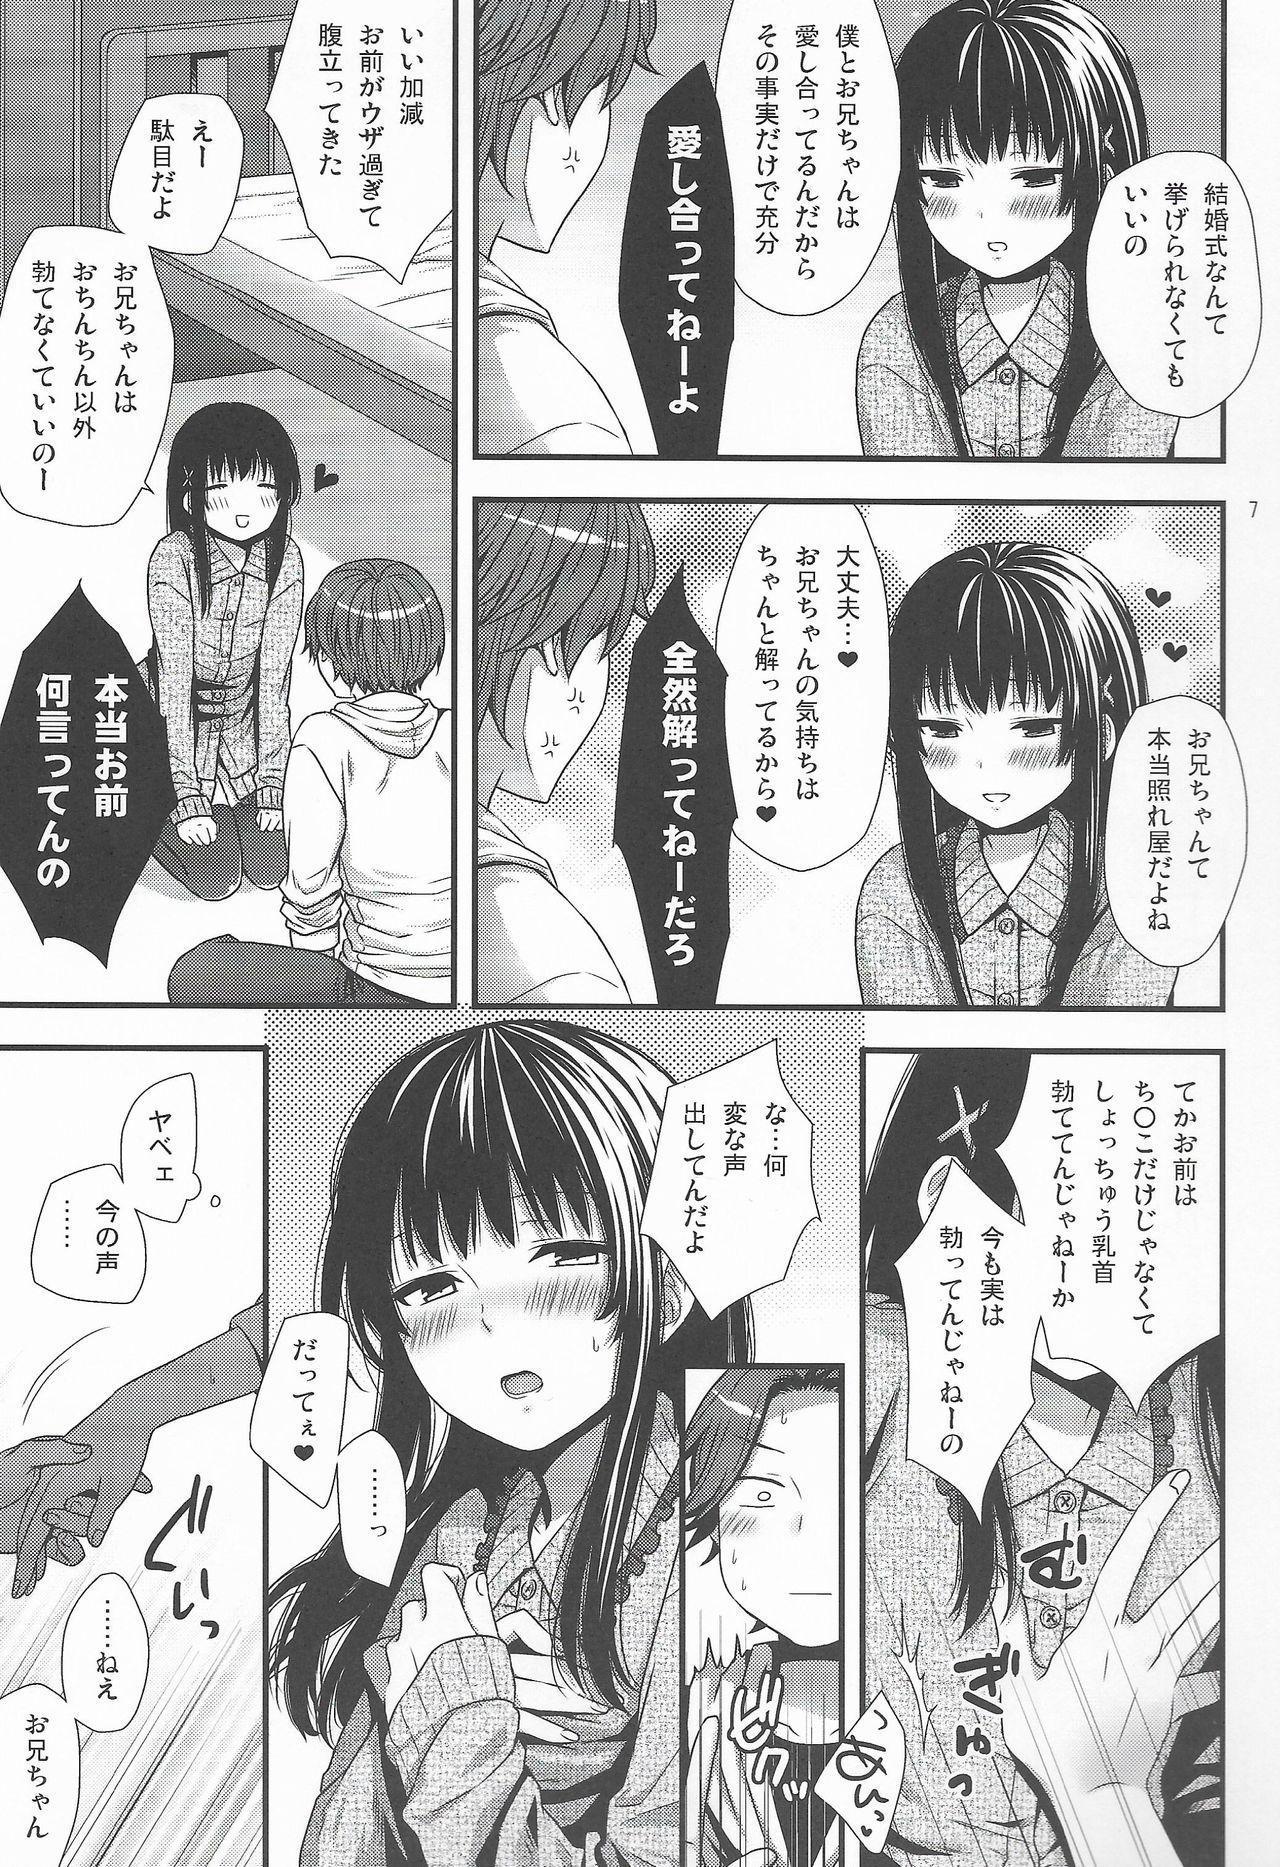 Yappa Uchi no Otouto Nanka Zenzen Kawaikune-shi 5